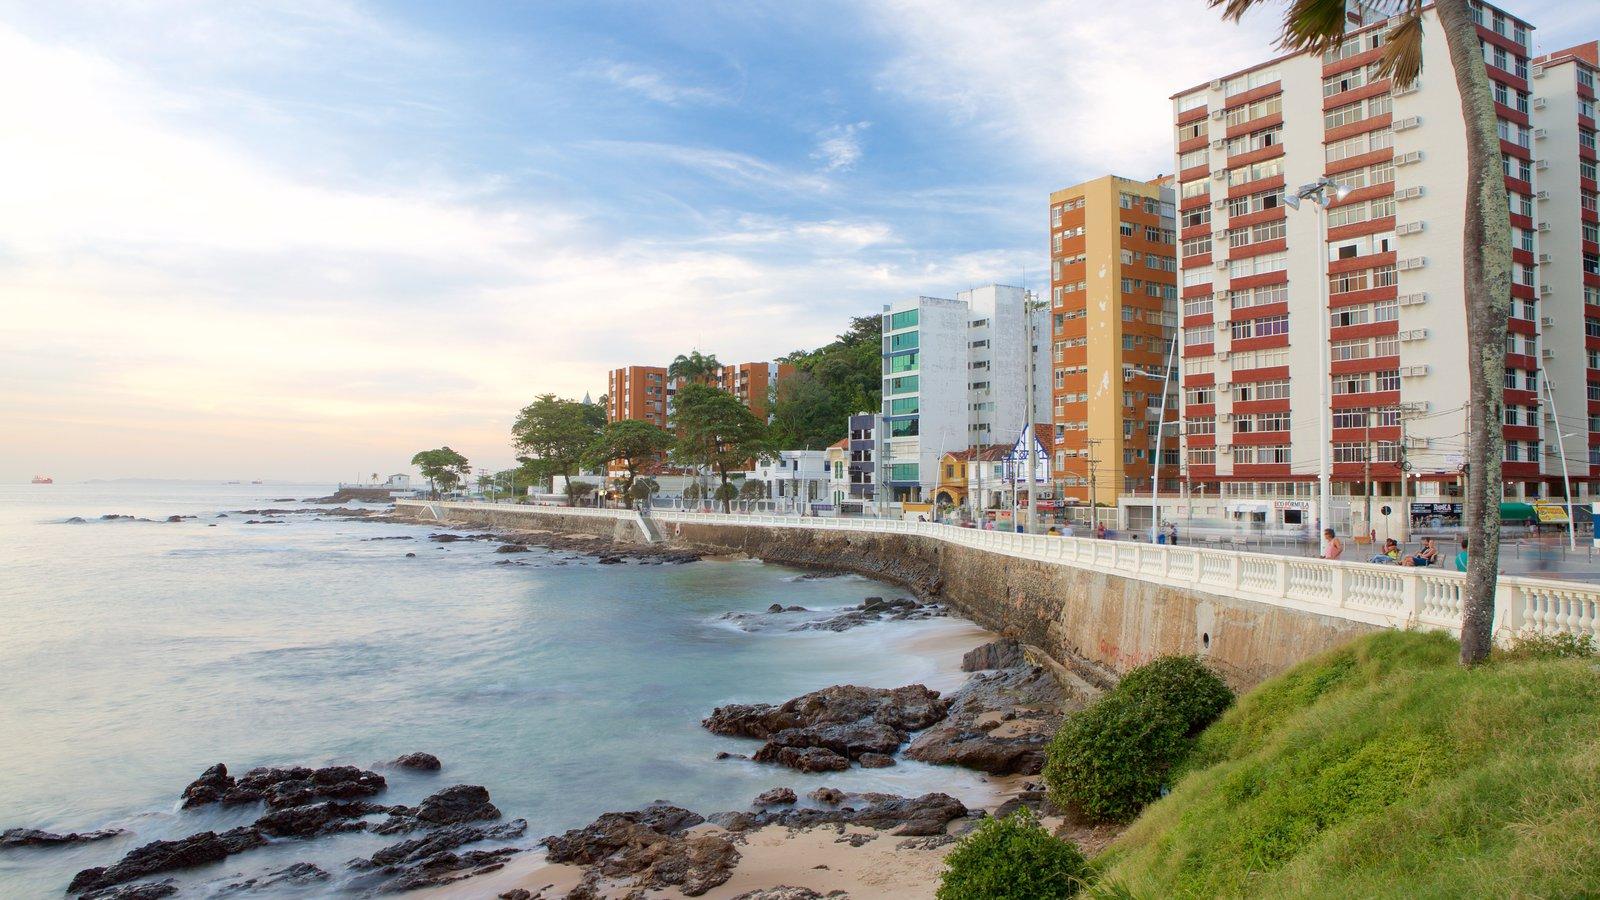 Praia do Farol da Barra caracterizando paisagens litorâneas, uma cidade litorânea e litoral rochoso